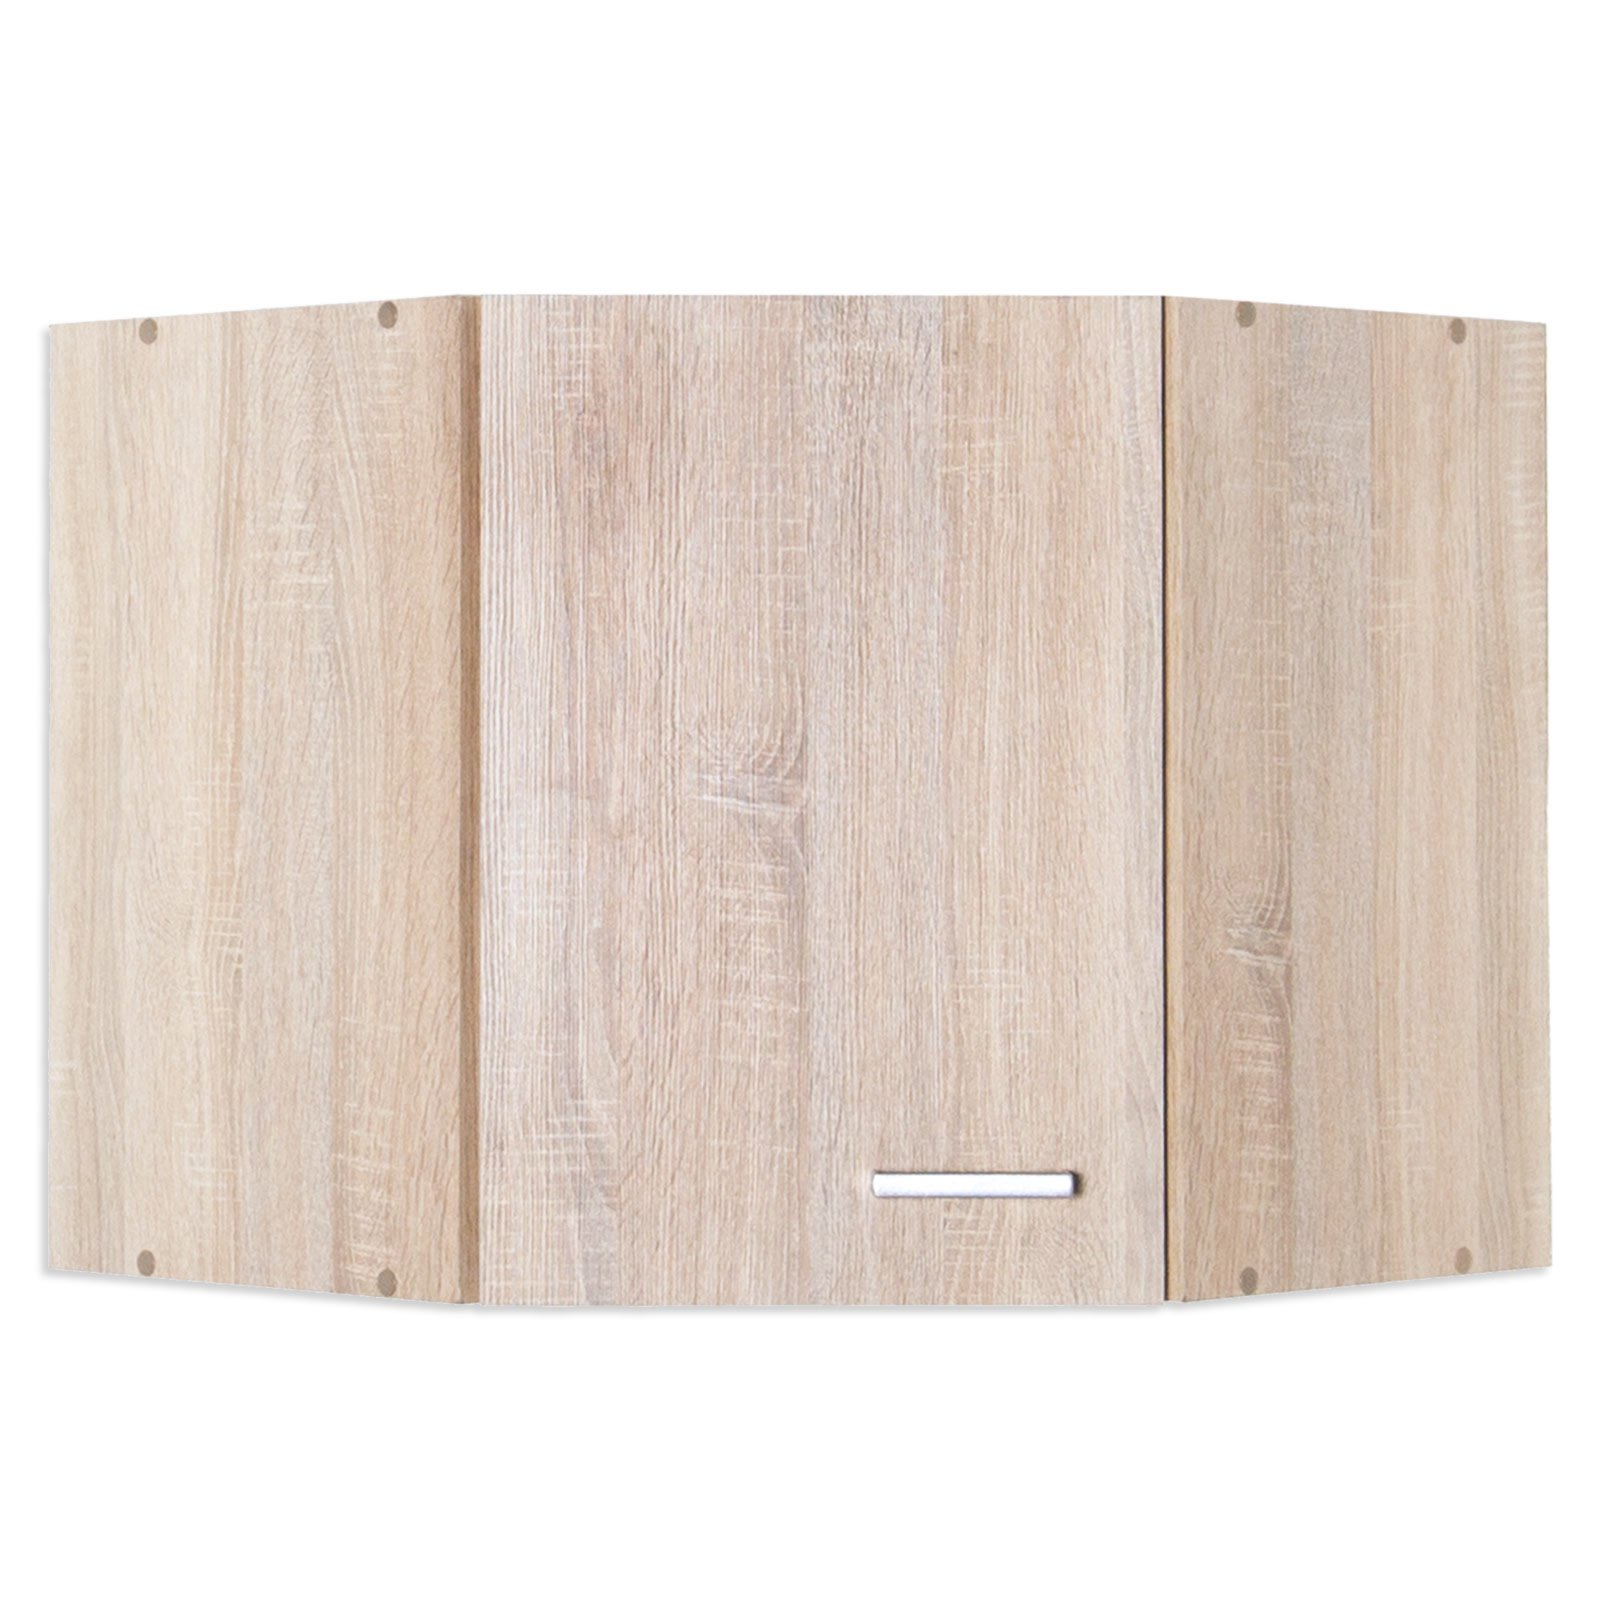 eckh nger sinja sonoma eiche 60 cm eckschr nke. Black Bedroom Furniture Sets. Home Design Ideas